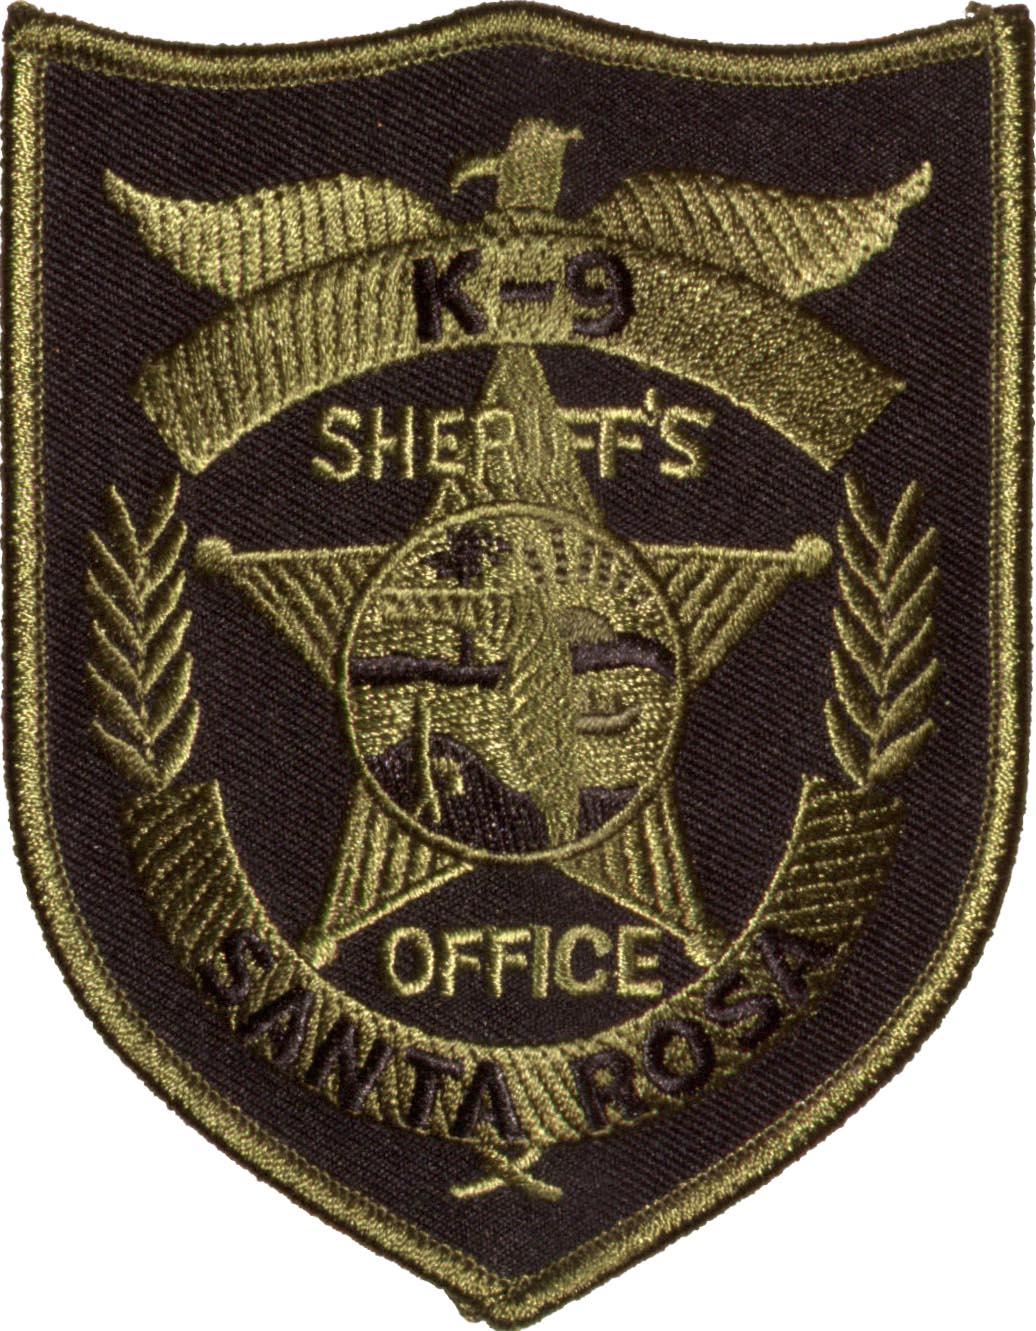 K9 Unit patches